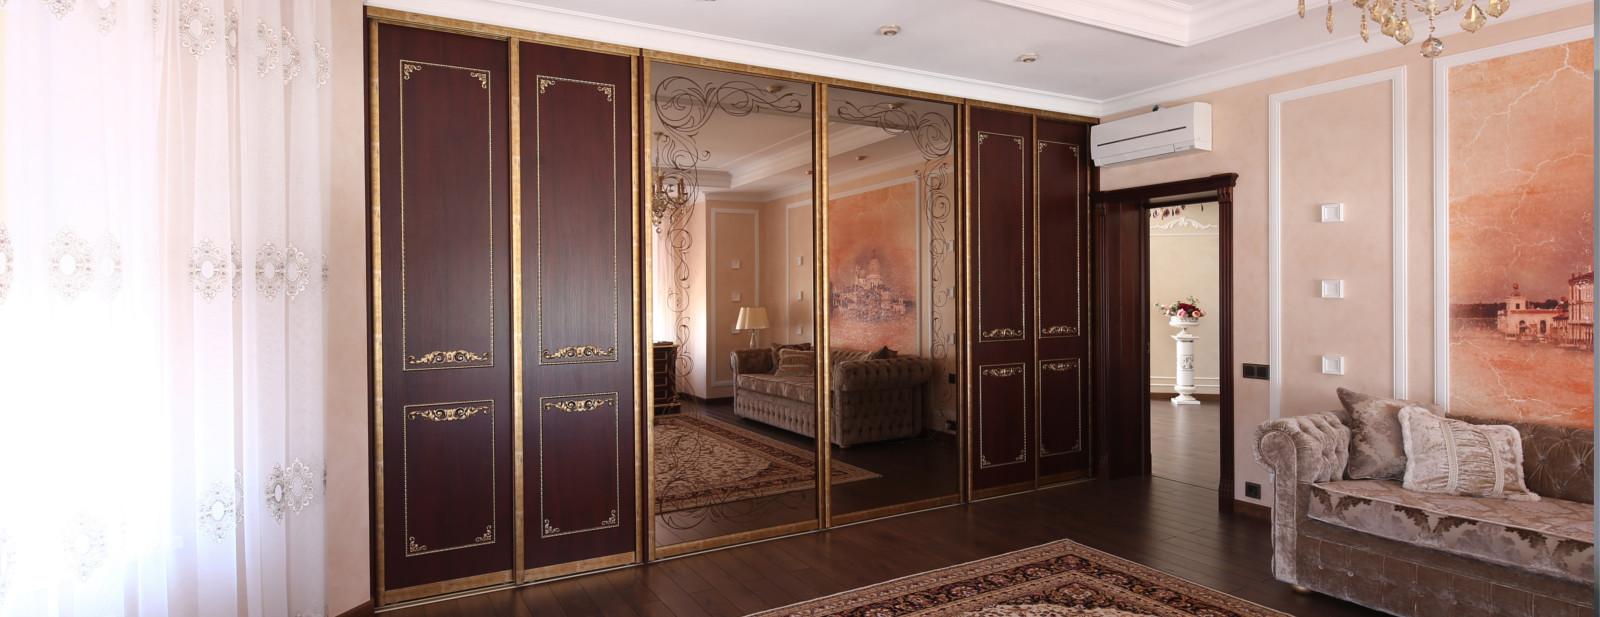 Мебель в кредит онлайн саратов